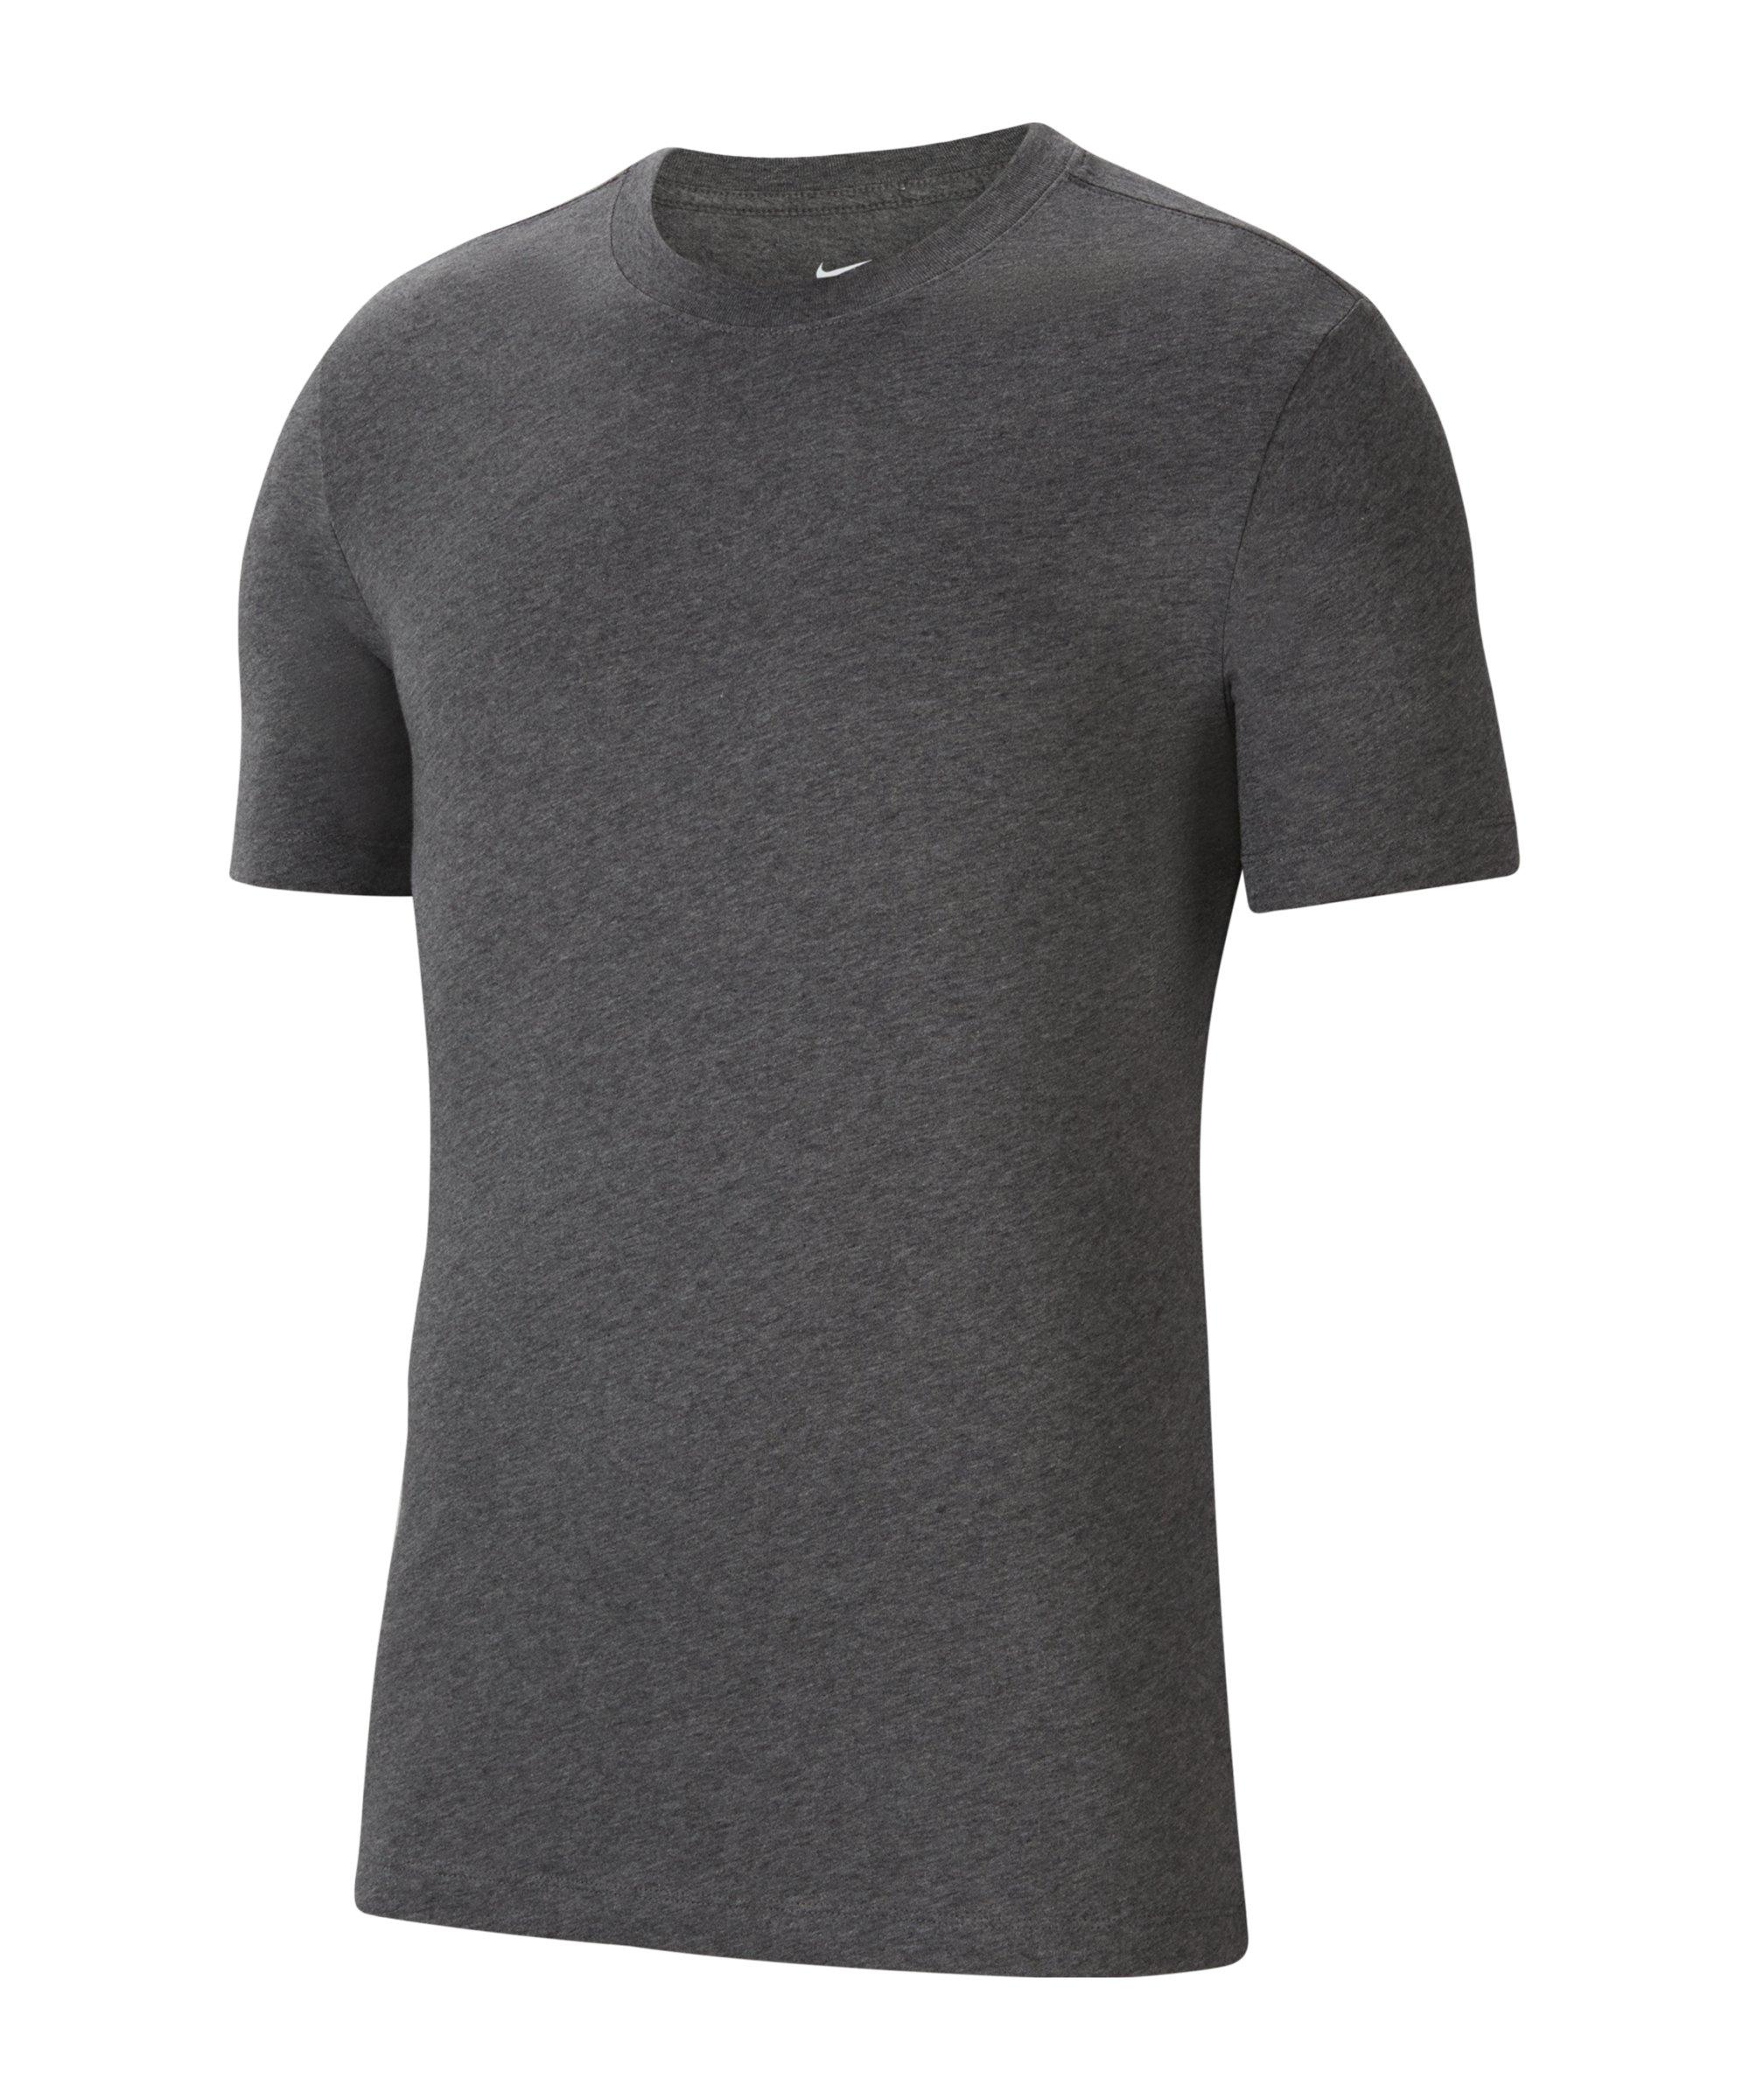 Nike Park 20 T-Shirt Kids Grau Weiss F071 - grau